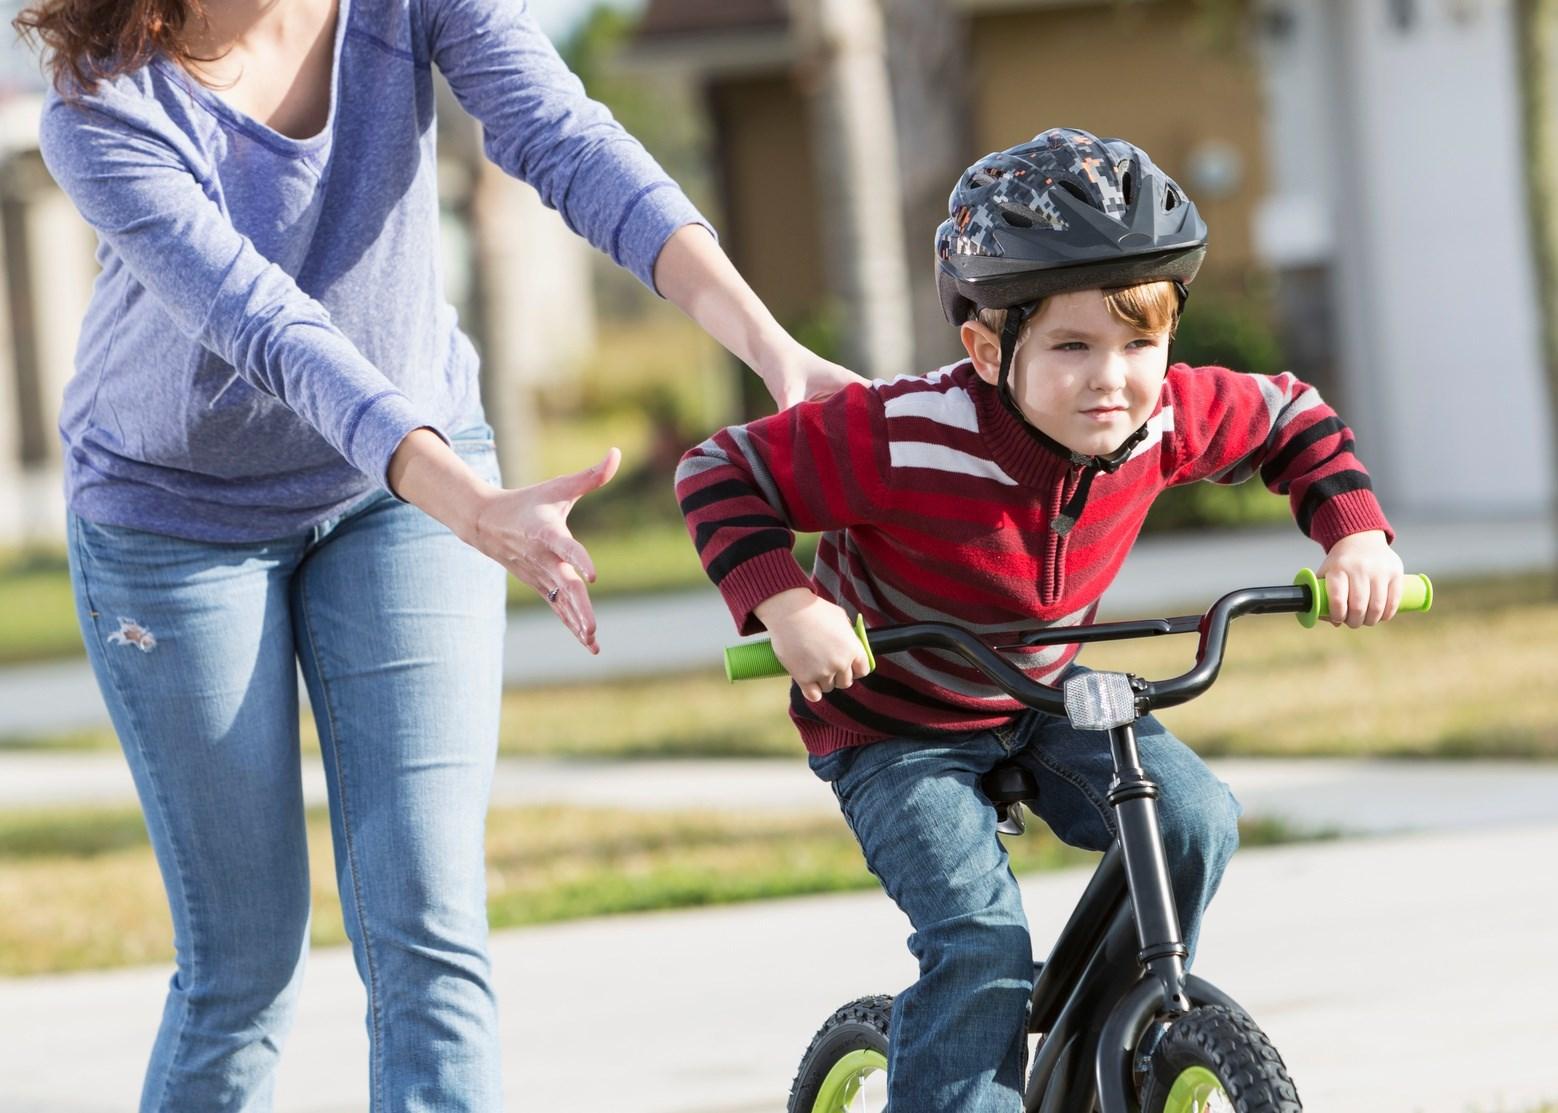 Citat: Če se otroci počutijo varne, se naučijo zaupati vase in v ljudi okrog sebe